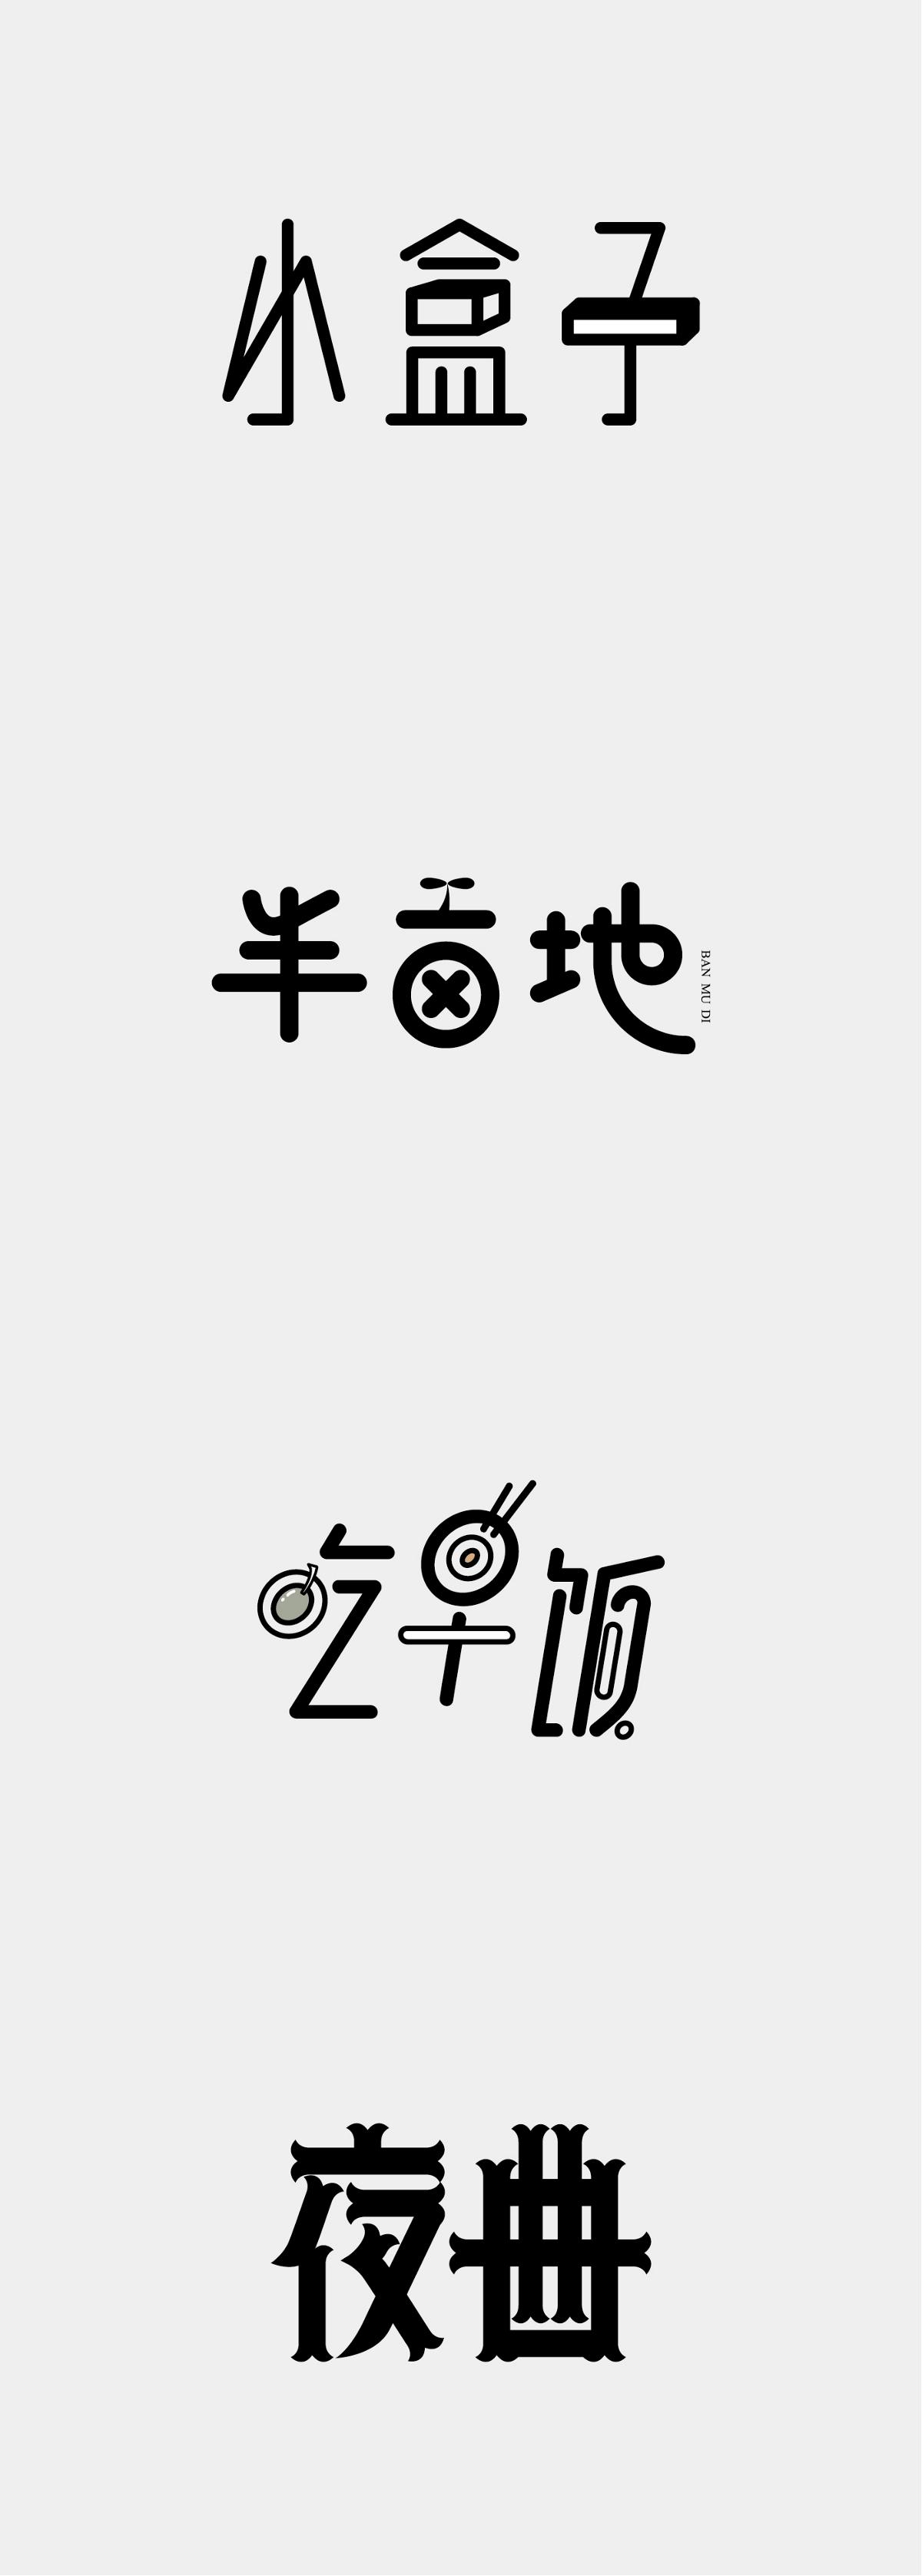 字体设计精选 第二十四篇